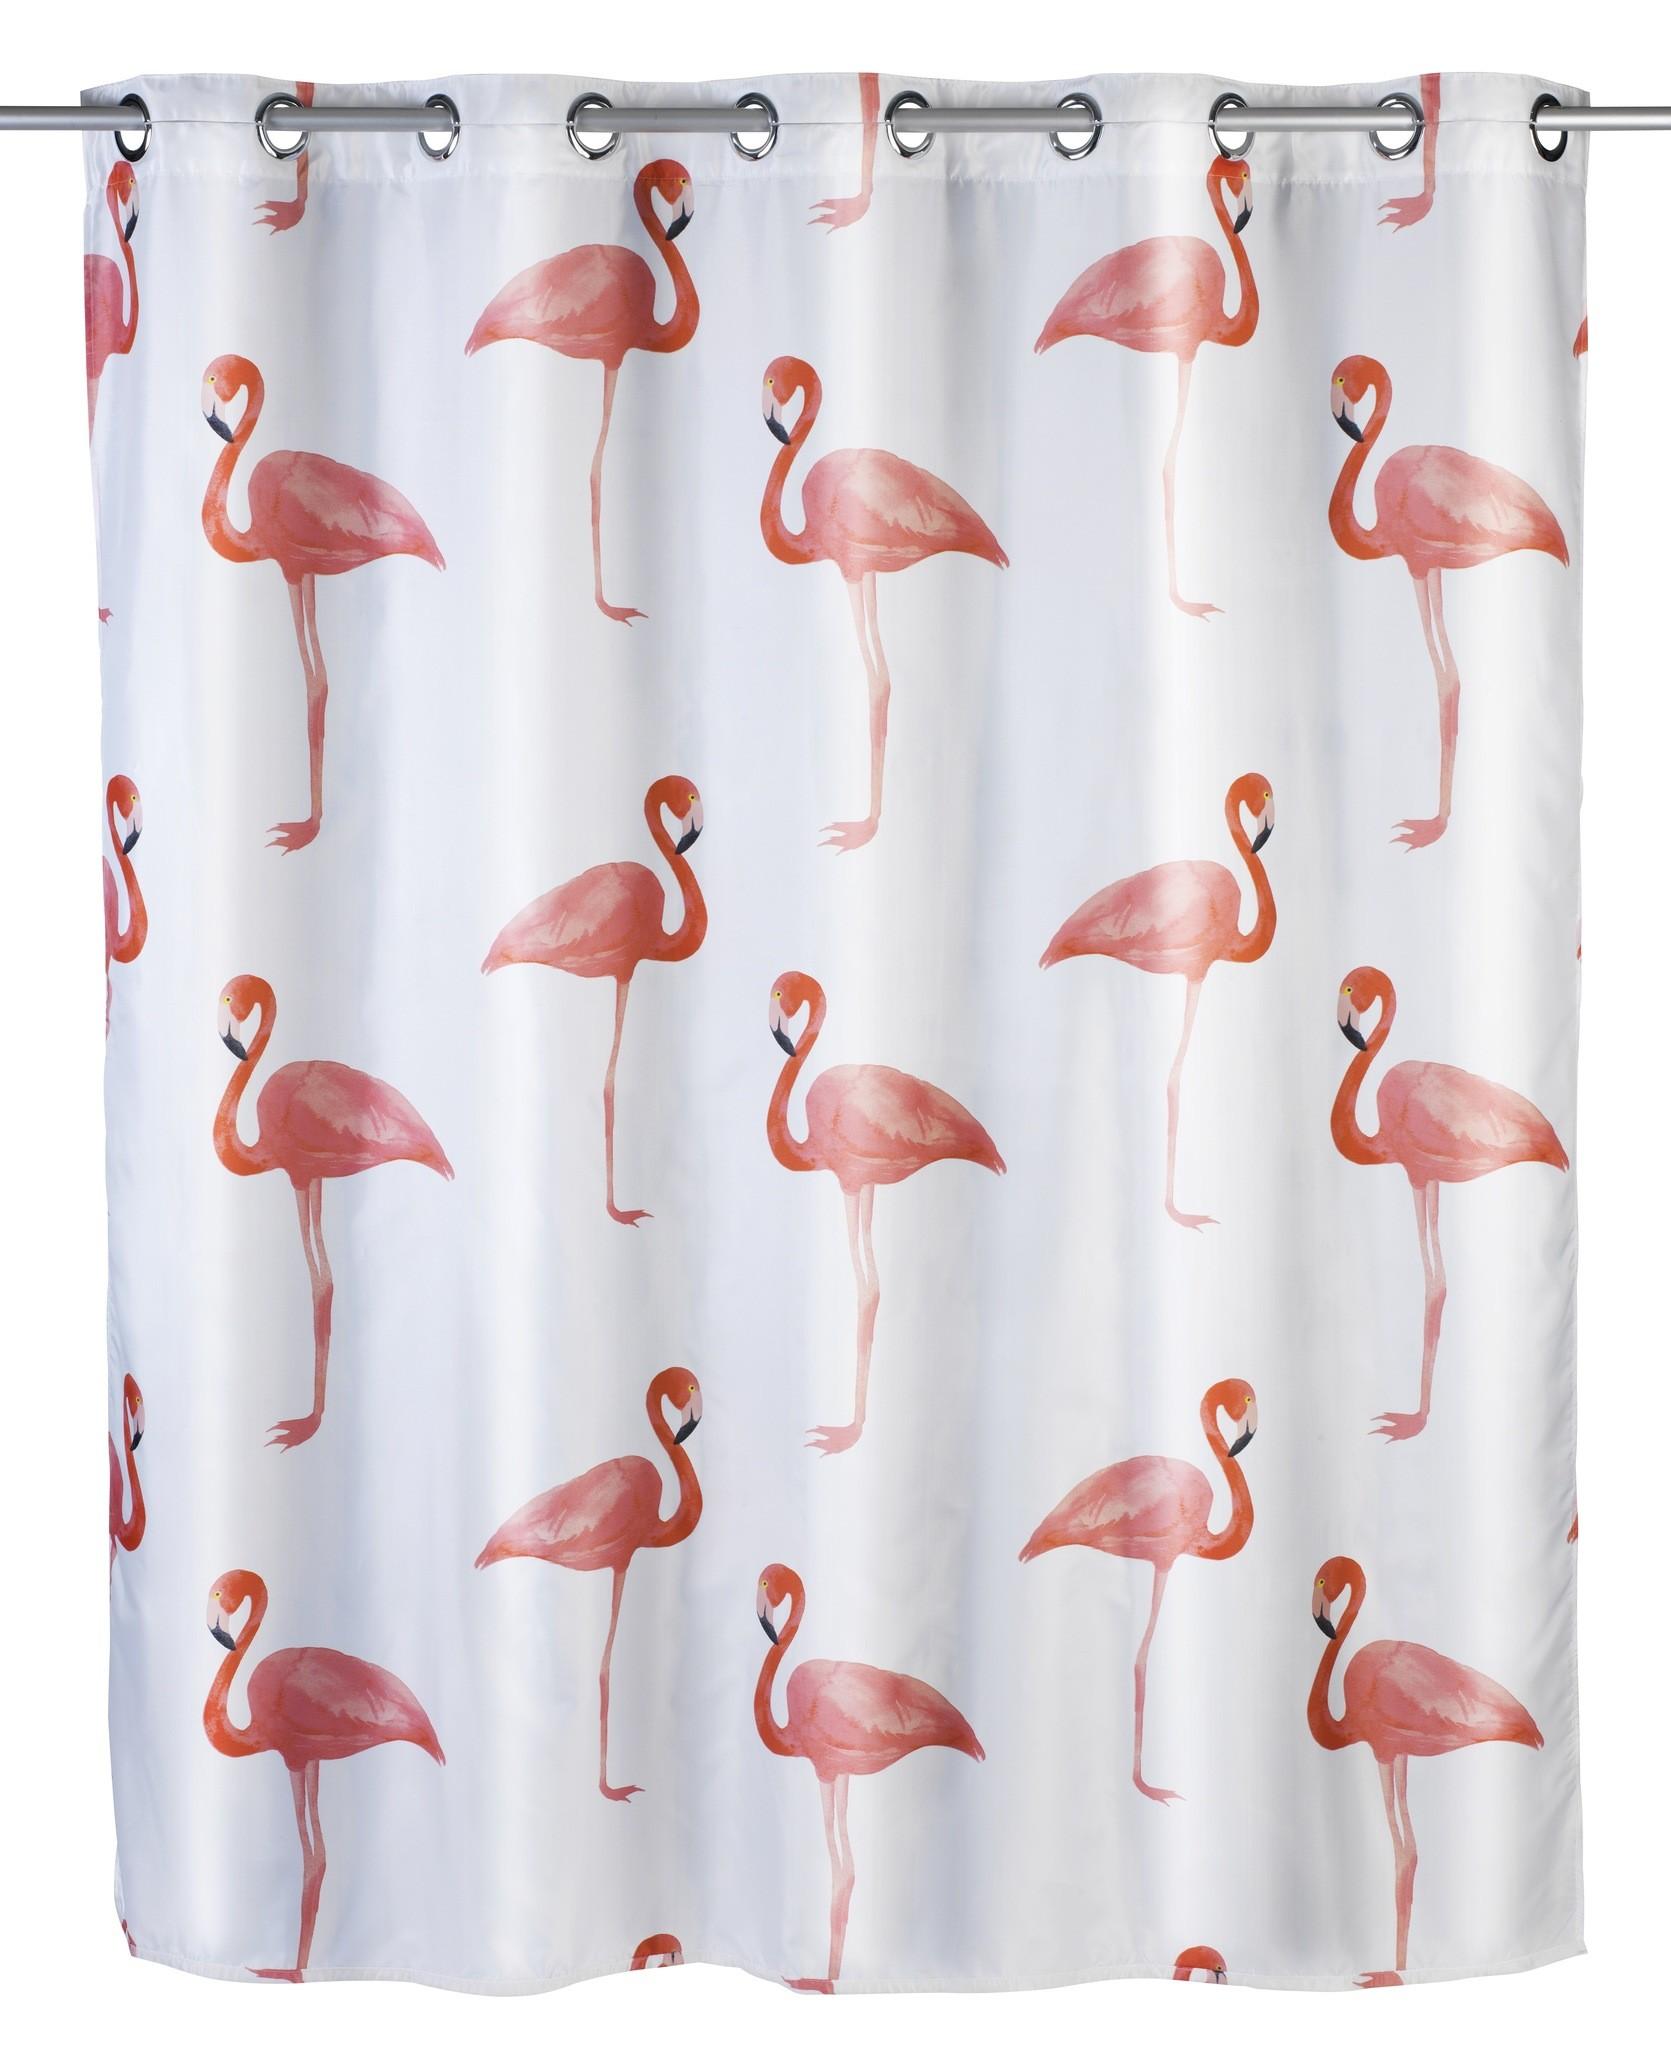 Anti-Schimmel Duschvorhang Flamingo Flex, Polyester, 180 x 200 cm, waschbar